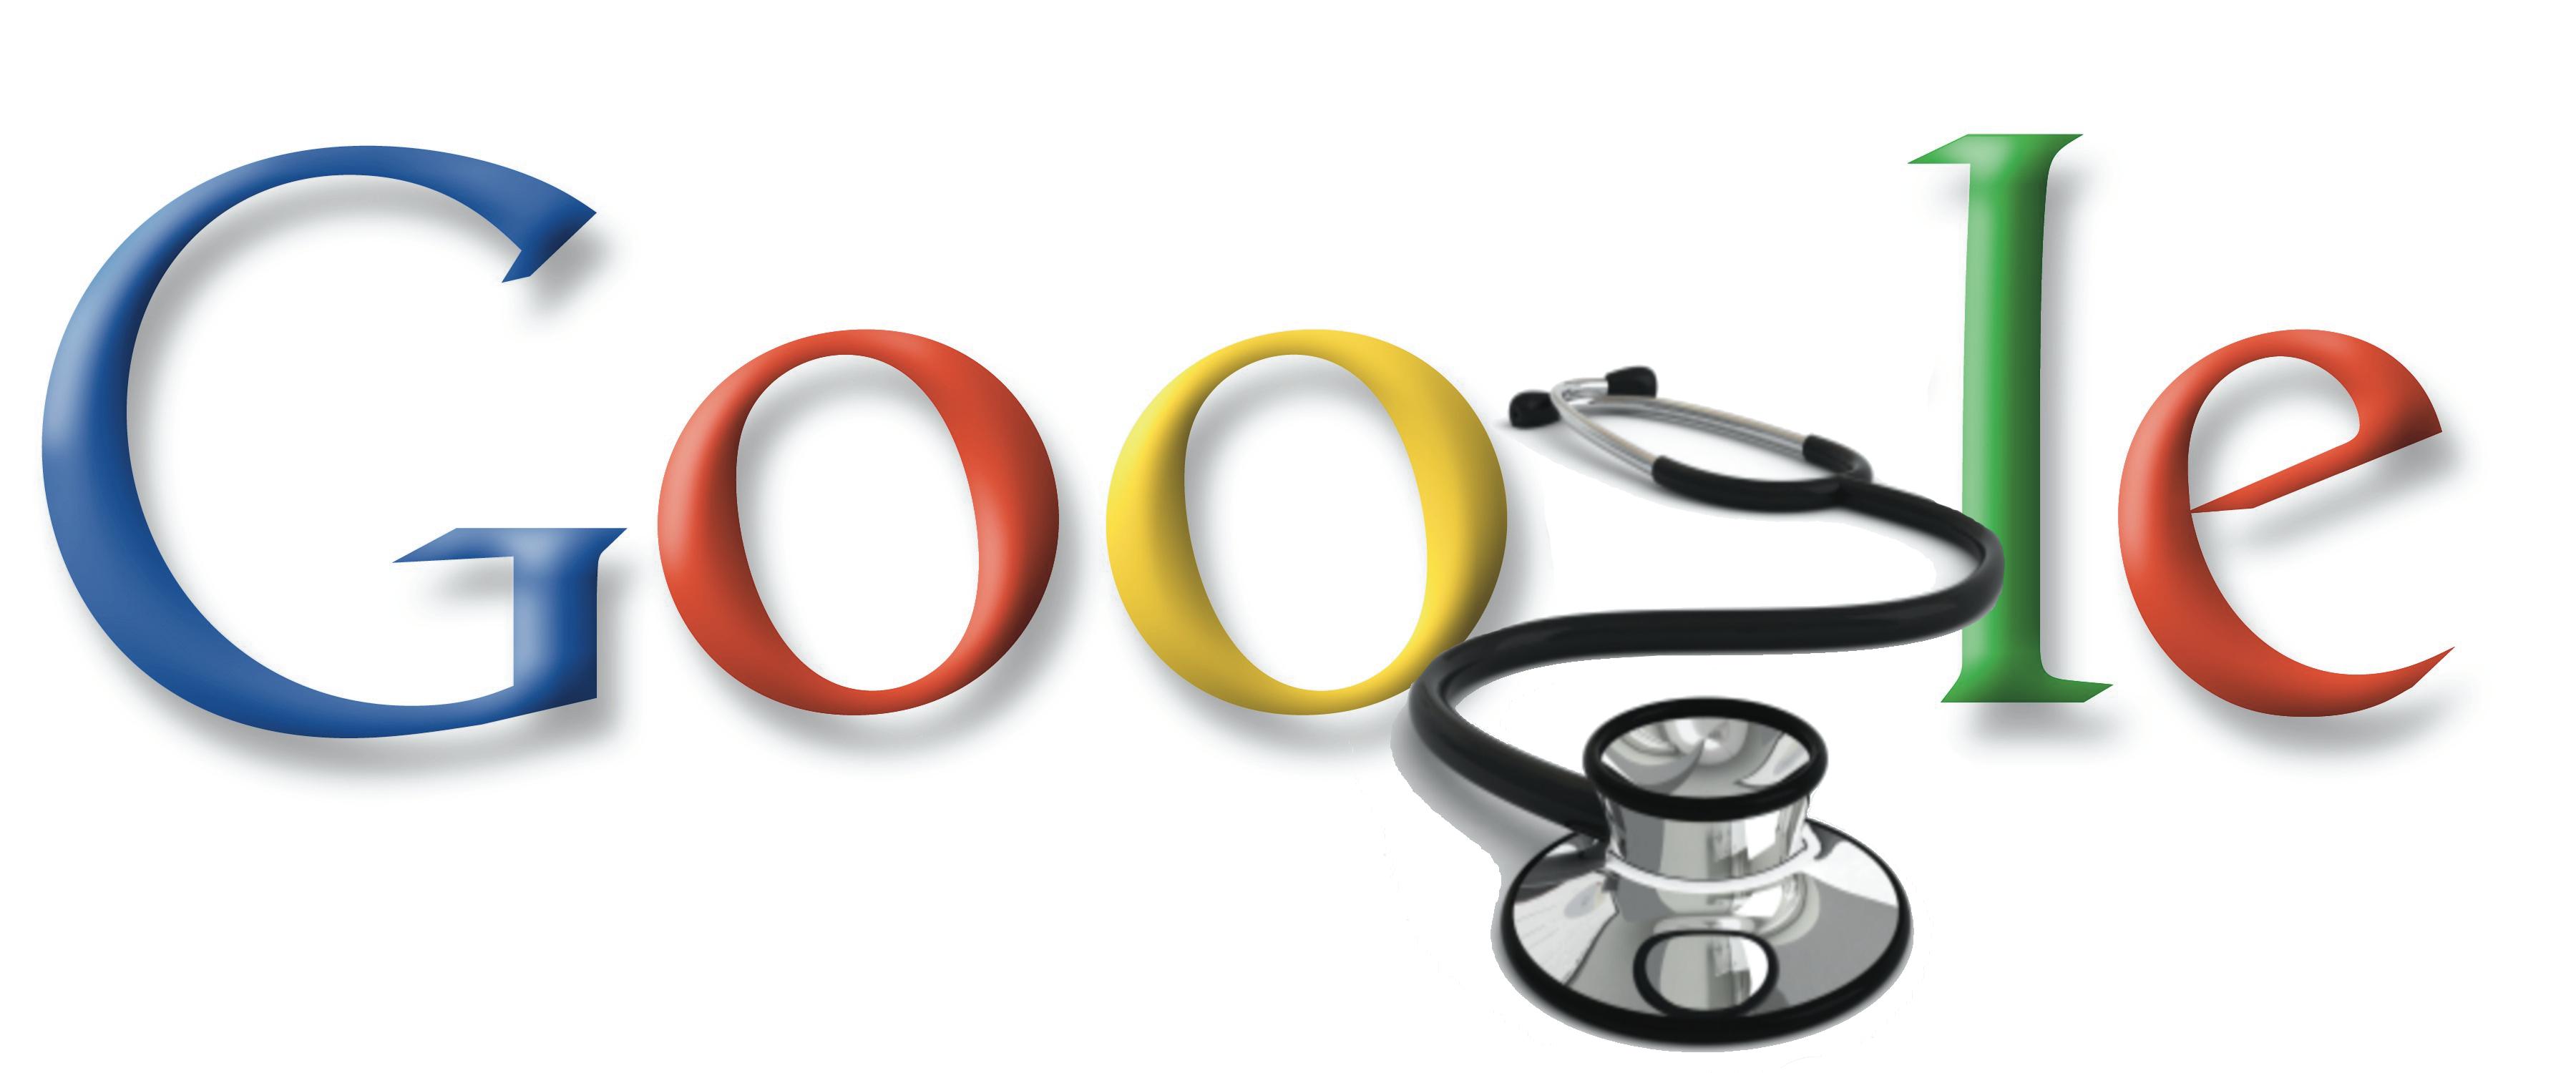 Dr.Google (Foto: Reprodução)